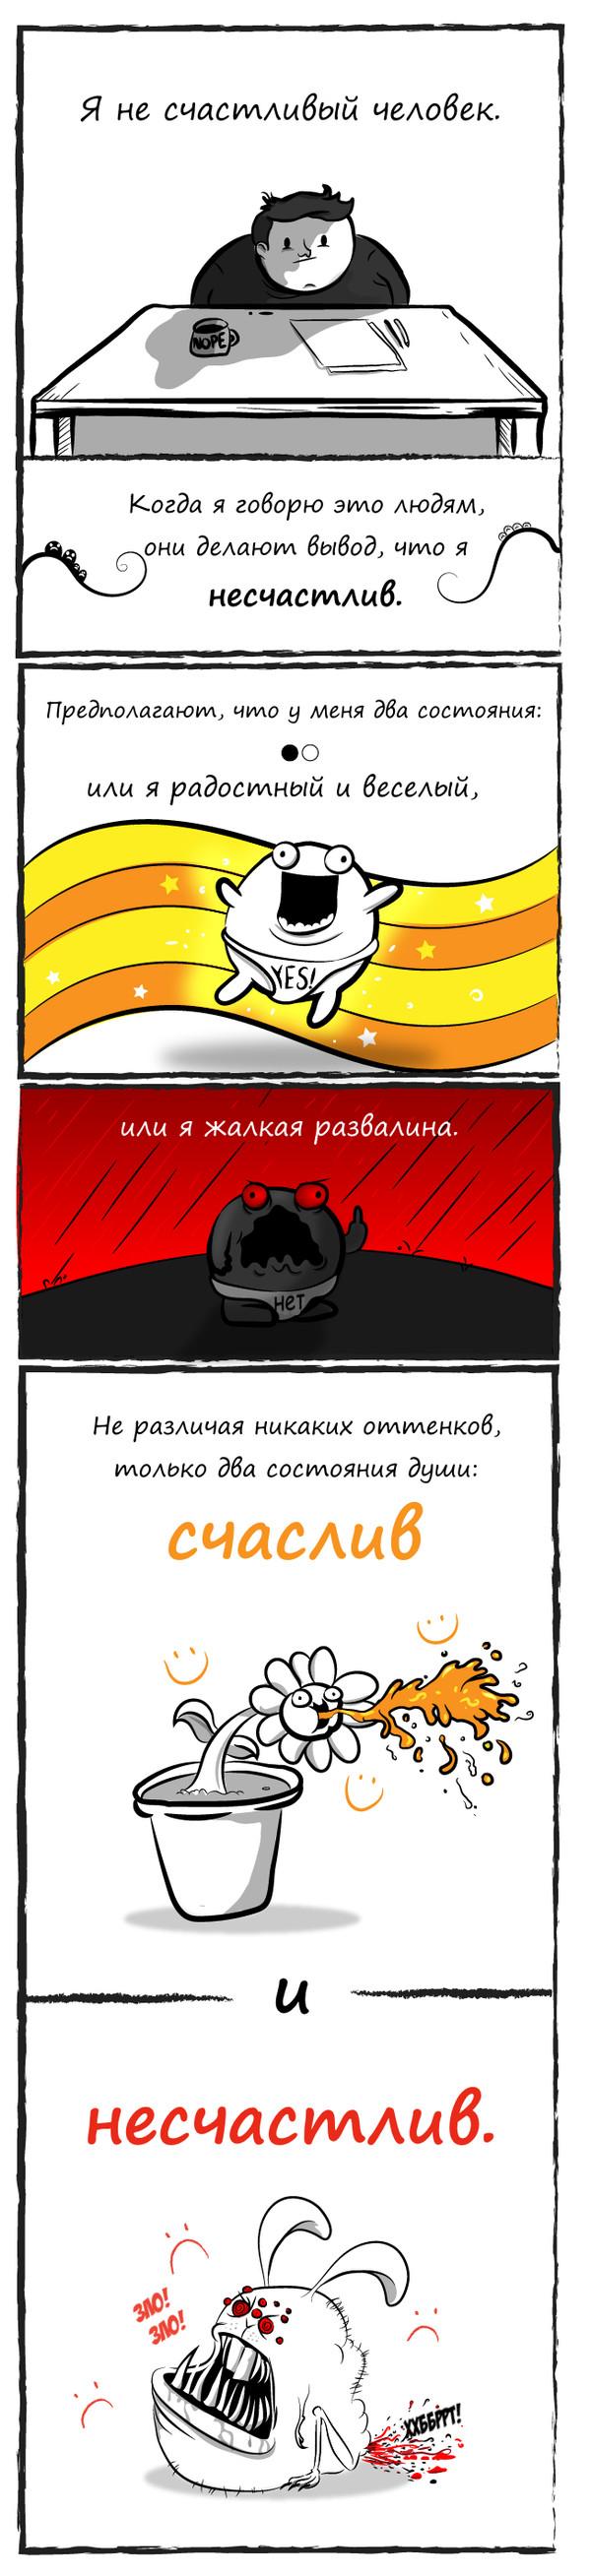 Блого-комикс о счастье от The Oatmeal. Часть 1. The Oatmeal, Счастье, Несчастье, Вечное, Комиксы, Инопланетяне, Перевод, Работа, Длиннопост